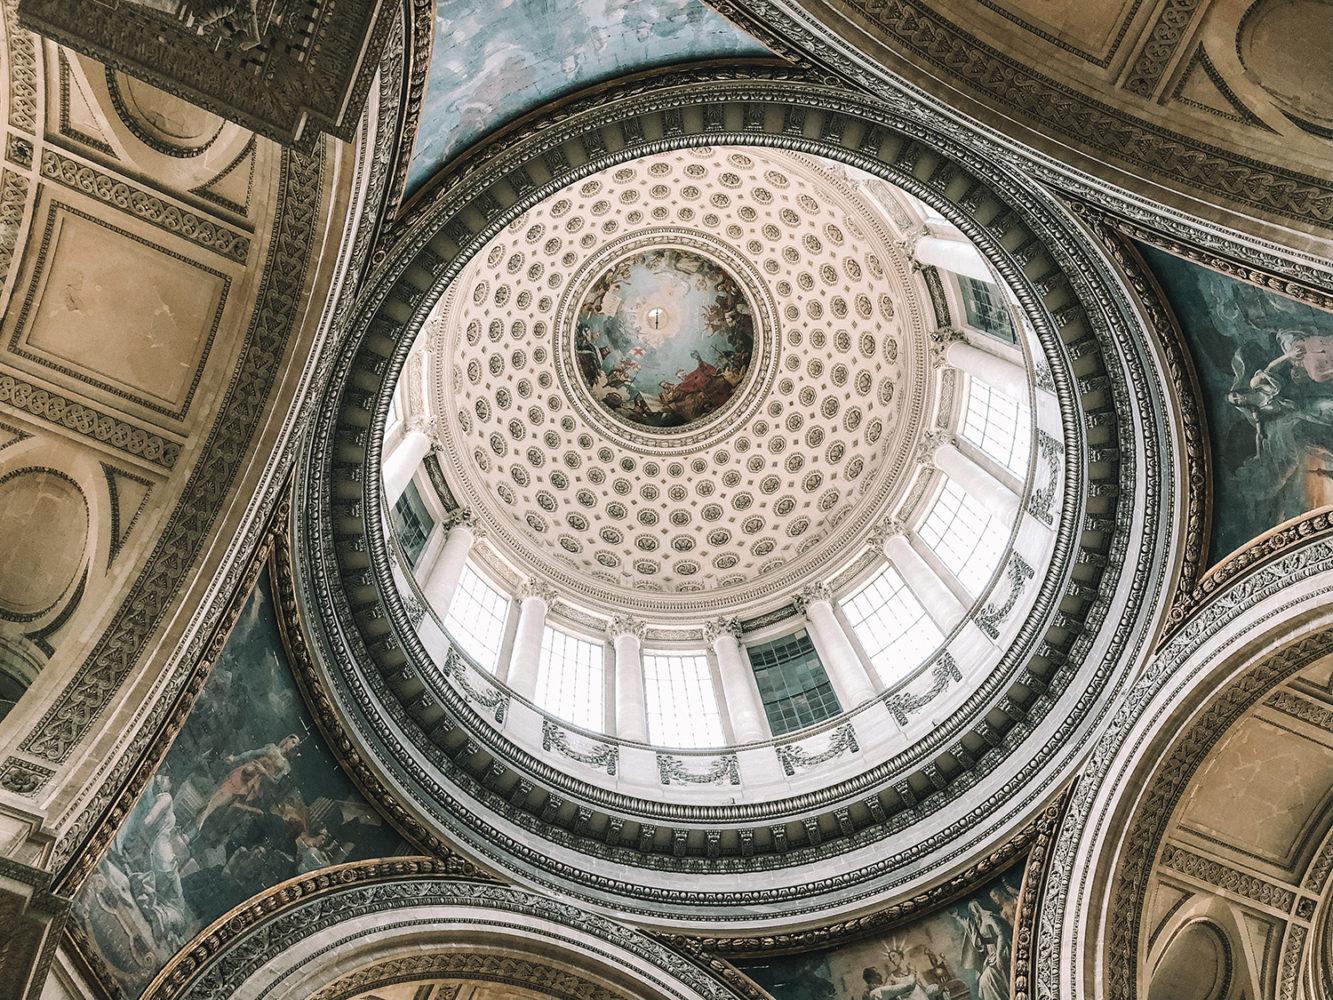 Le magnifique plafond du Panthéon